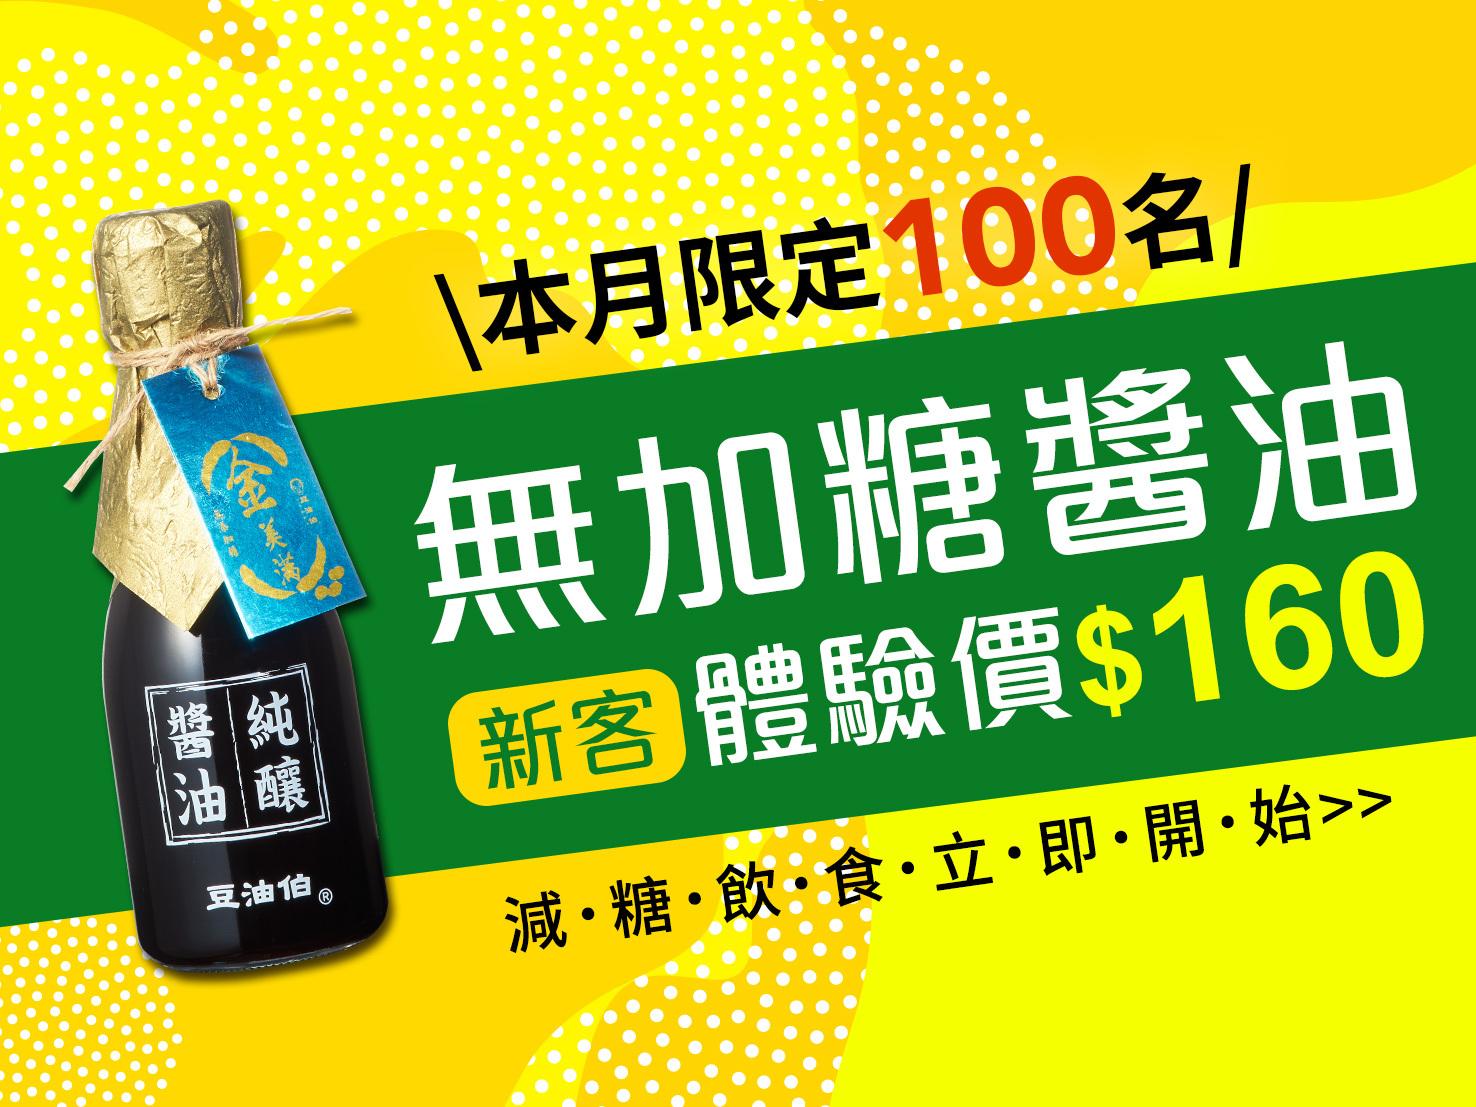 純釀醬油推薦體驗品$160,限量100份